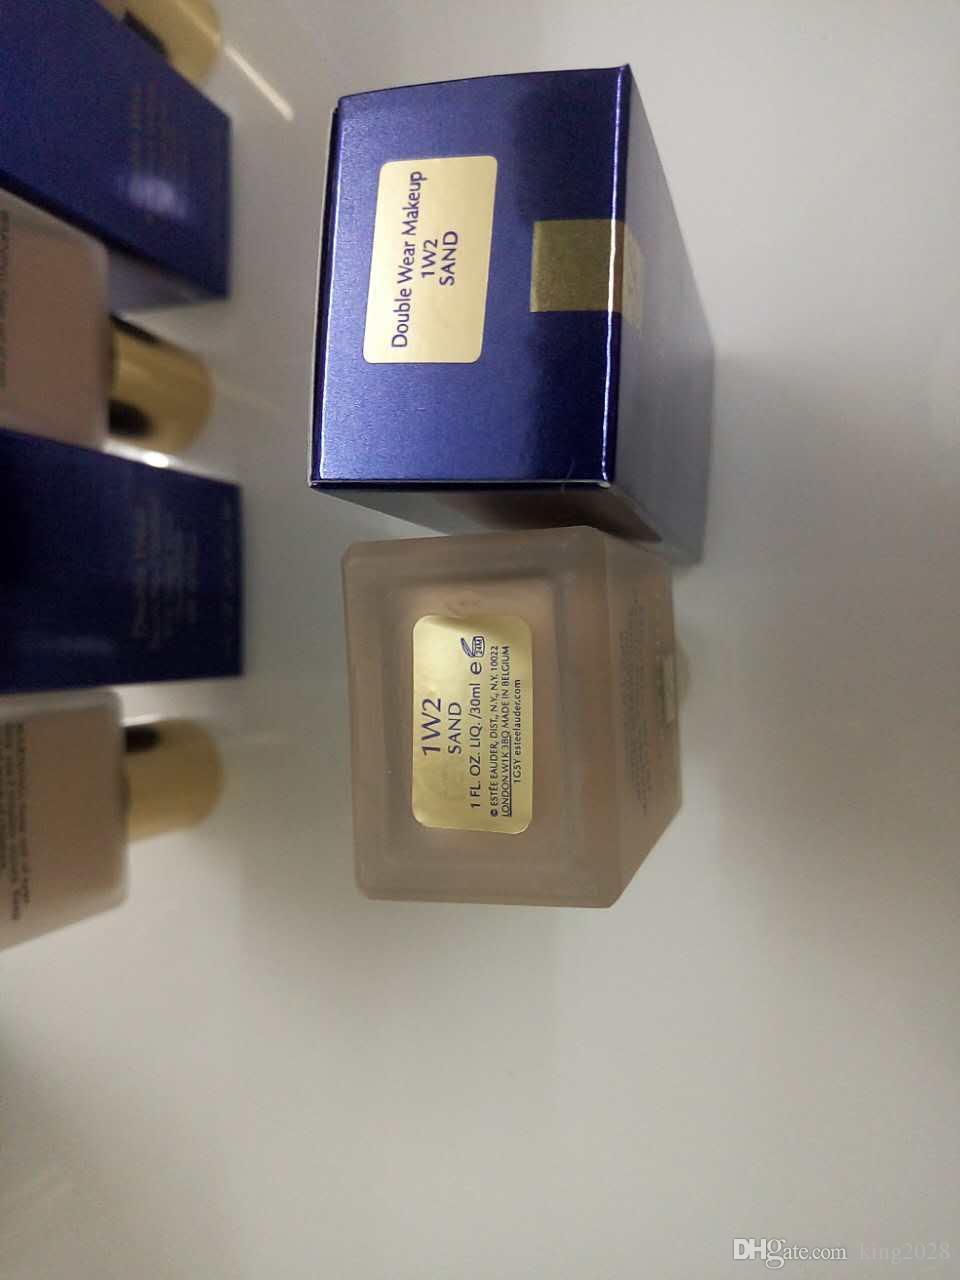 مؤسسة ارتداء مزدوجة السائل البقاء في مكان ماكياج المخفي 30ML 2 الألوان 1W1 و 1W2 للاختيار.